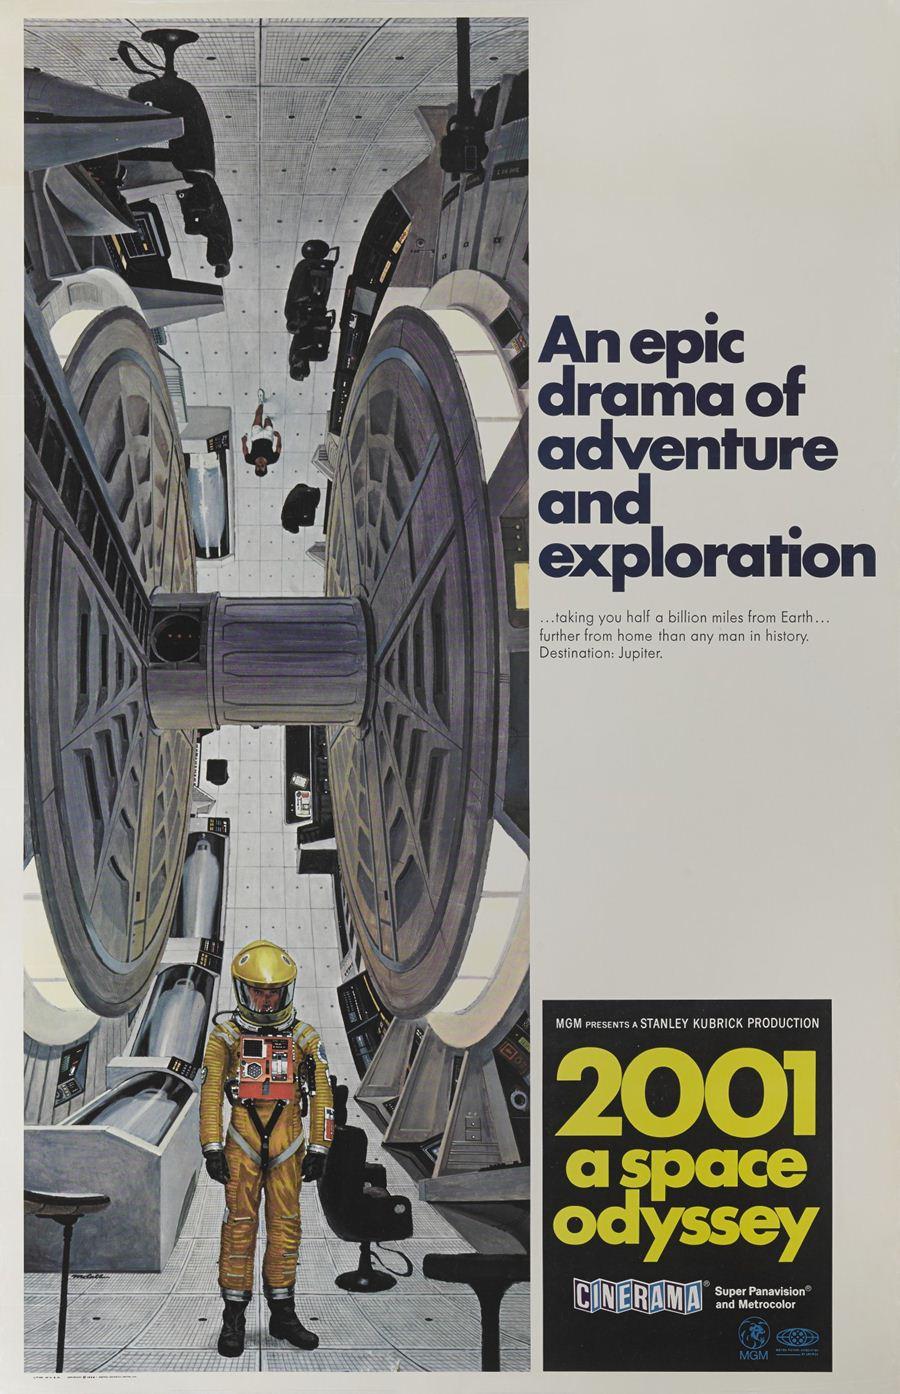 โปสเตอร์ 2001 a space odyssey ปี 1968 ผลิตในอเมริกา ประเมินราคาประมูลสูงสุด 9,000 ปอนด์ หรือราว 3.3 แสนบาท